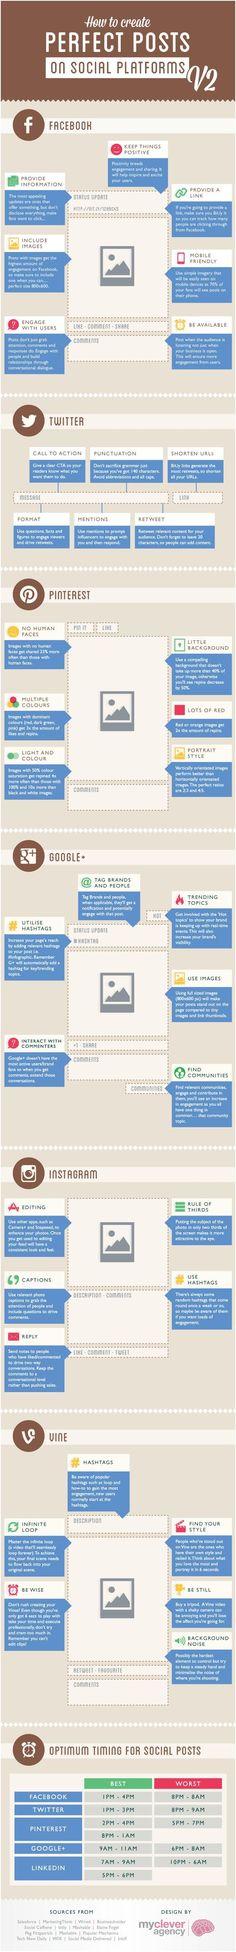 Cómo crear posts perfectos en redes sociales. #Infografía en inglés. Título original: How to create perct posts on social plataforms